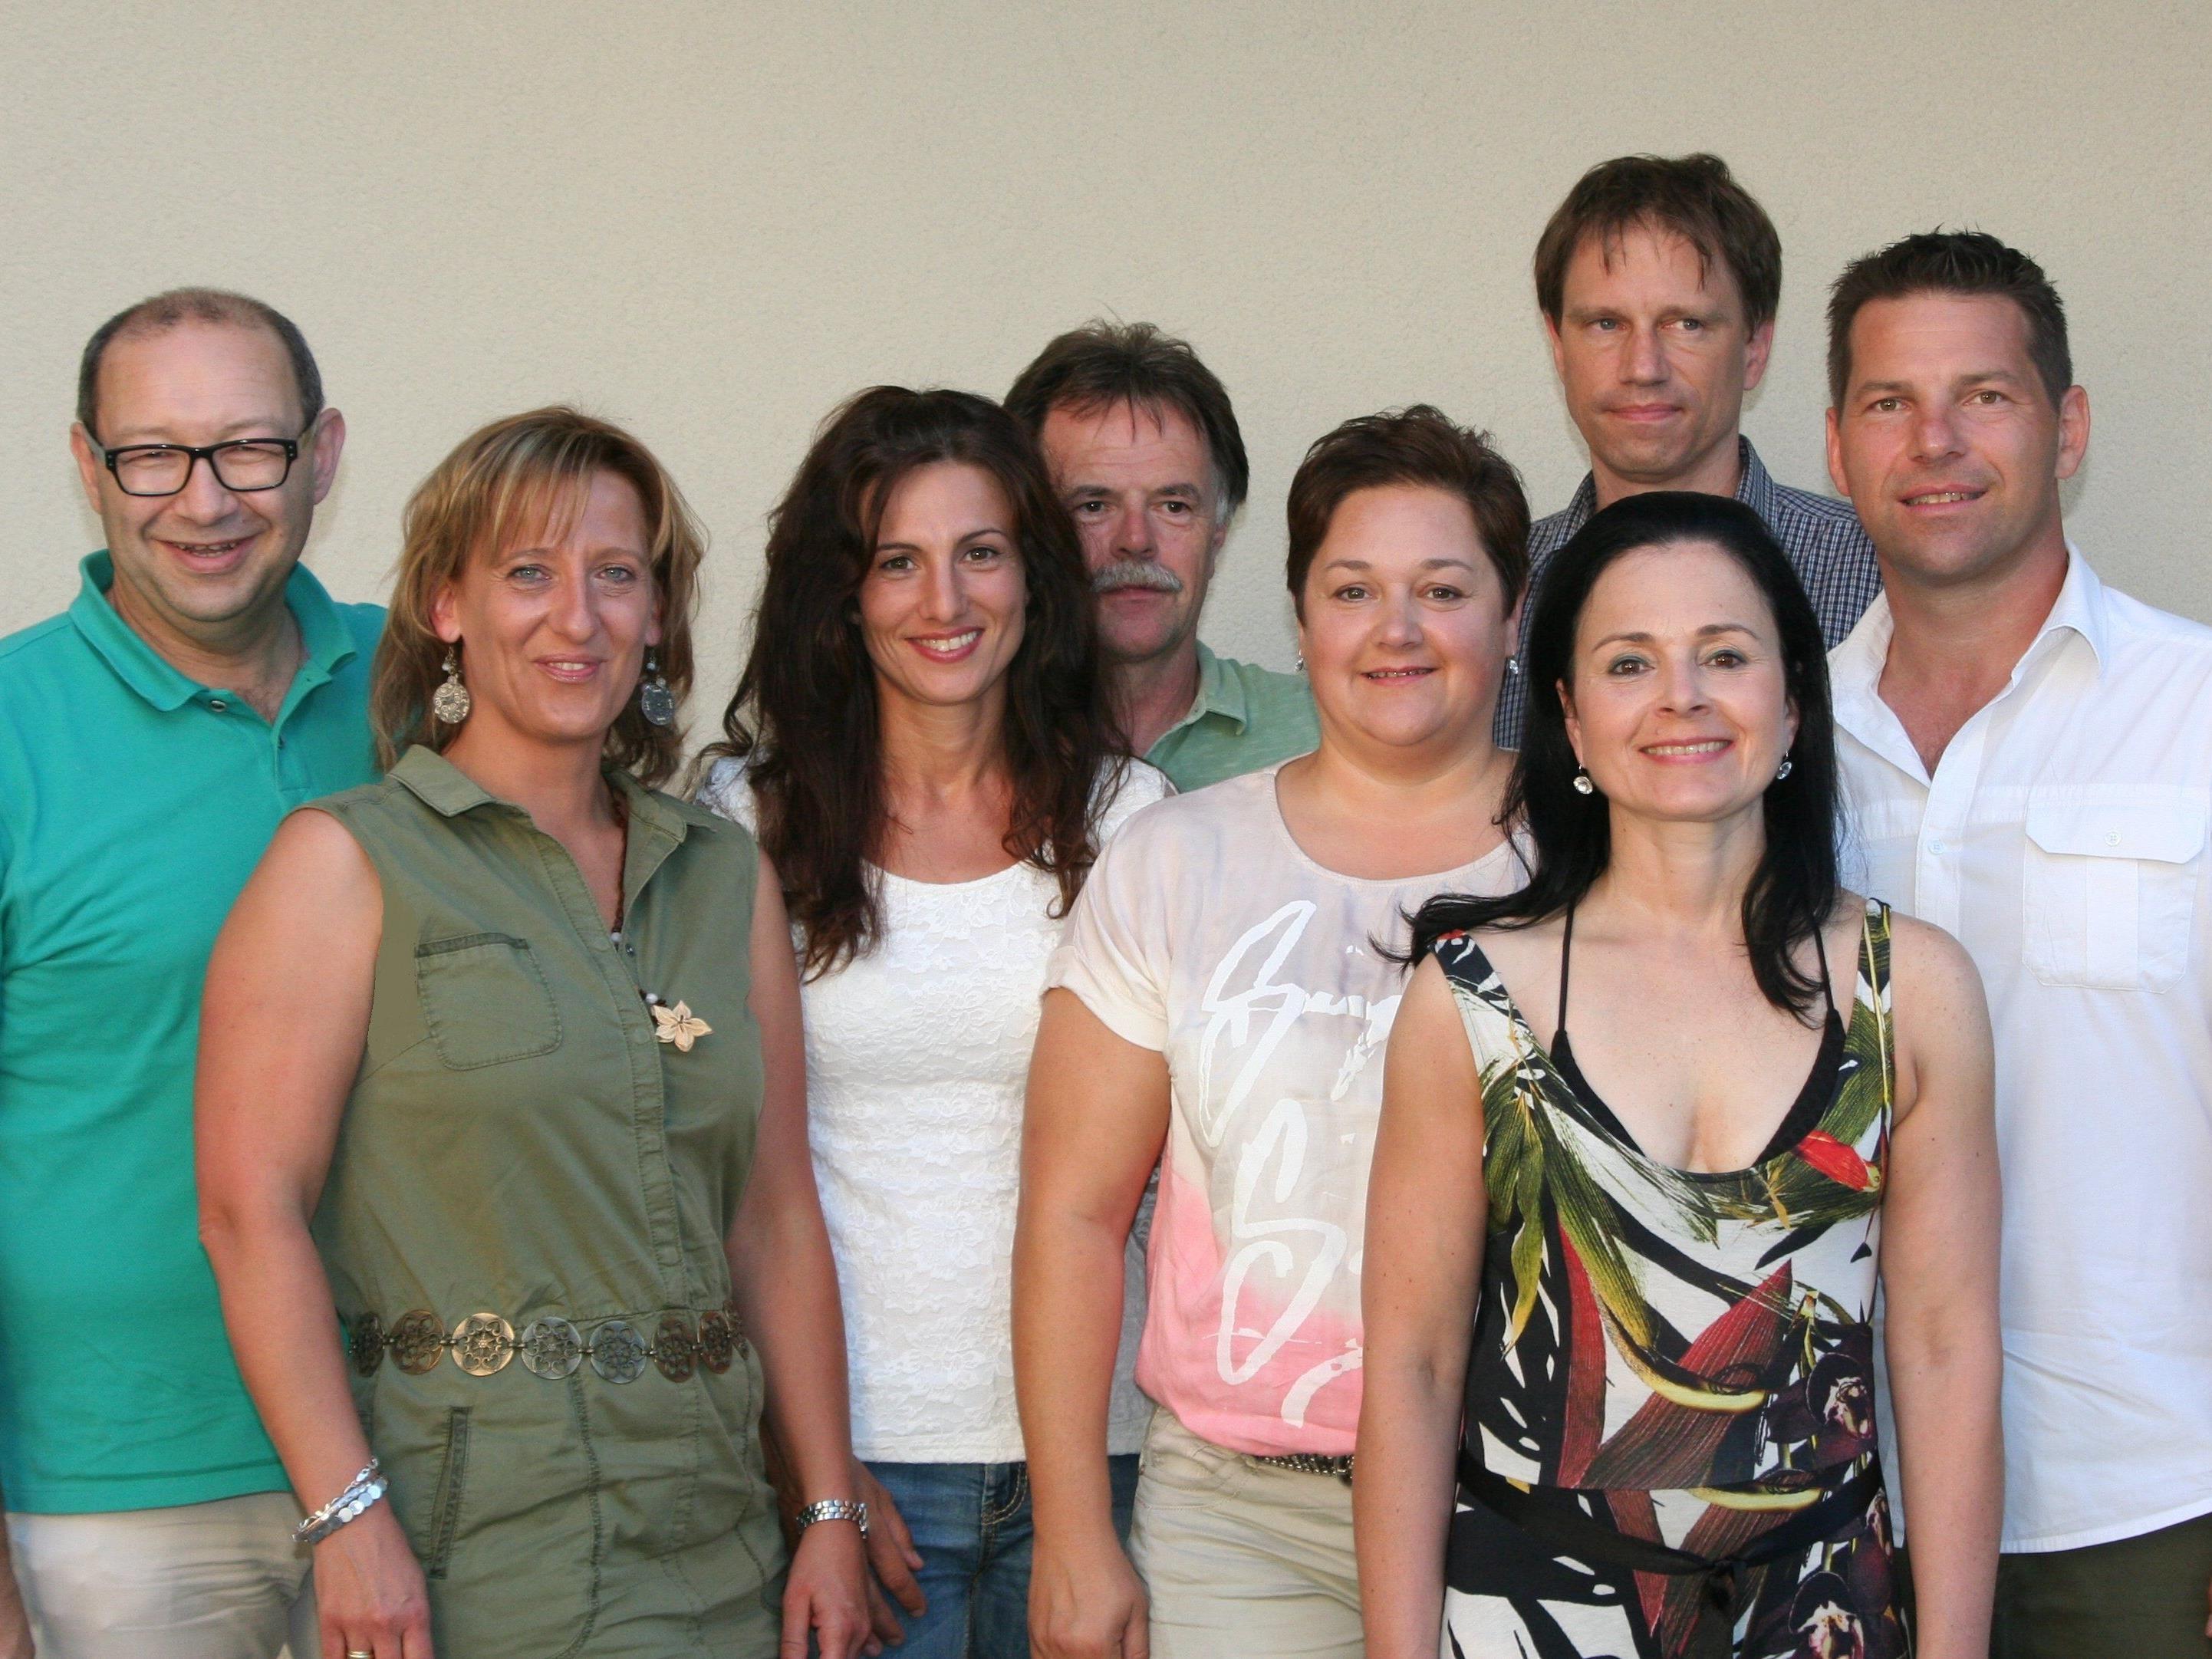 Der designierte Vorstand der Unternehmerbörse Leiblachtal mit Obfrau Veronika Matt lädt zur Jahreshauptversammlung ins Seehotel Am Kaiserstrand.